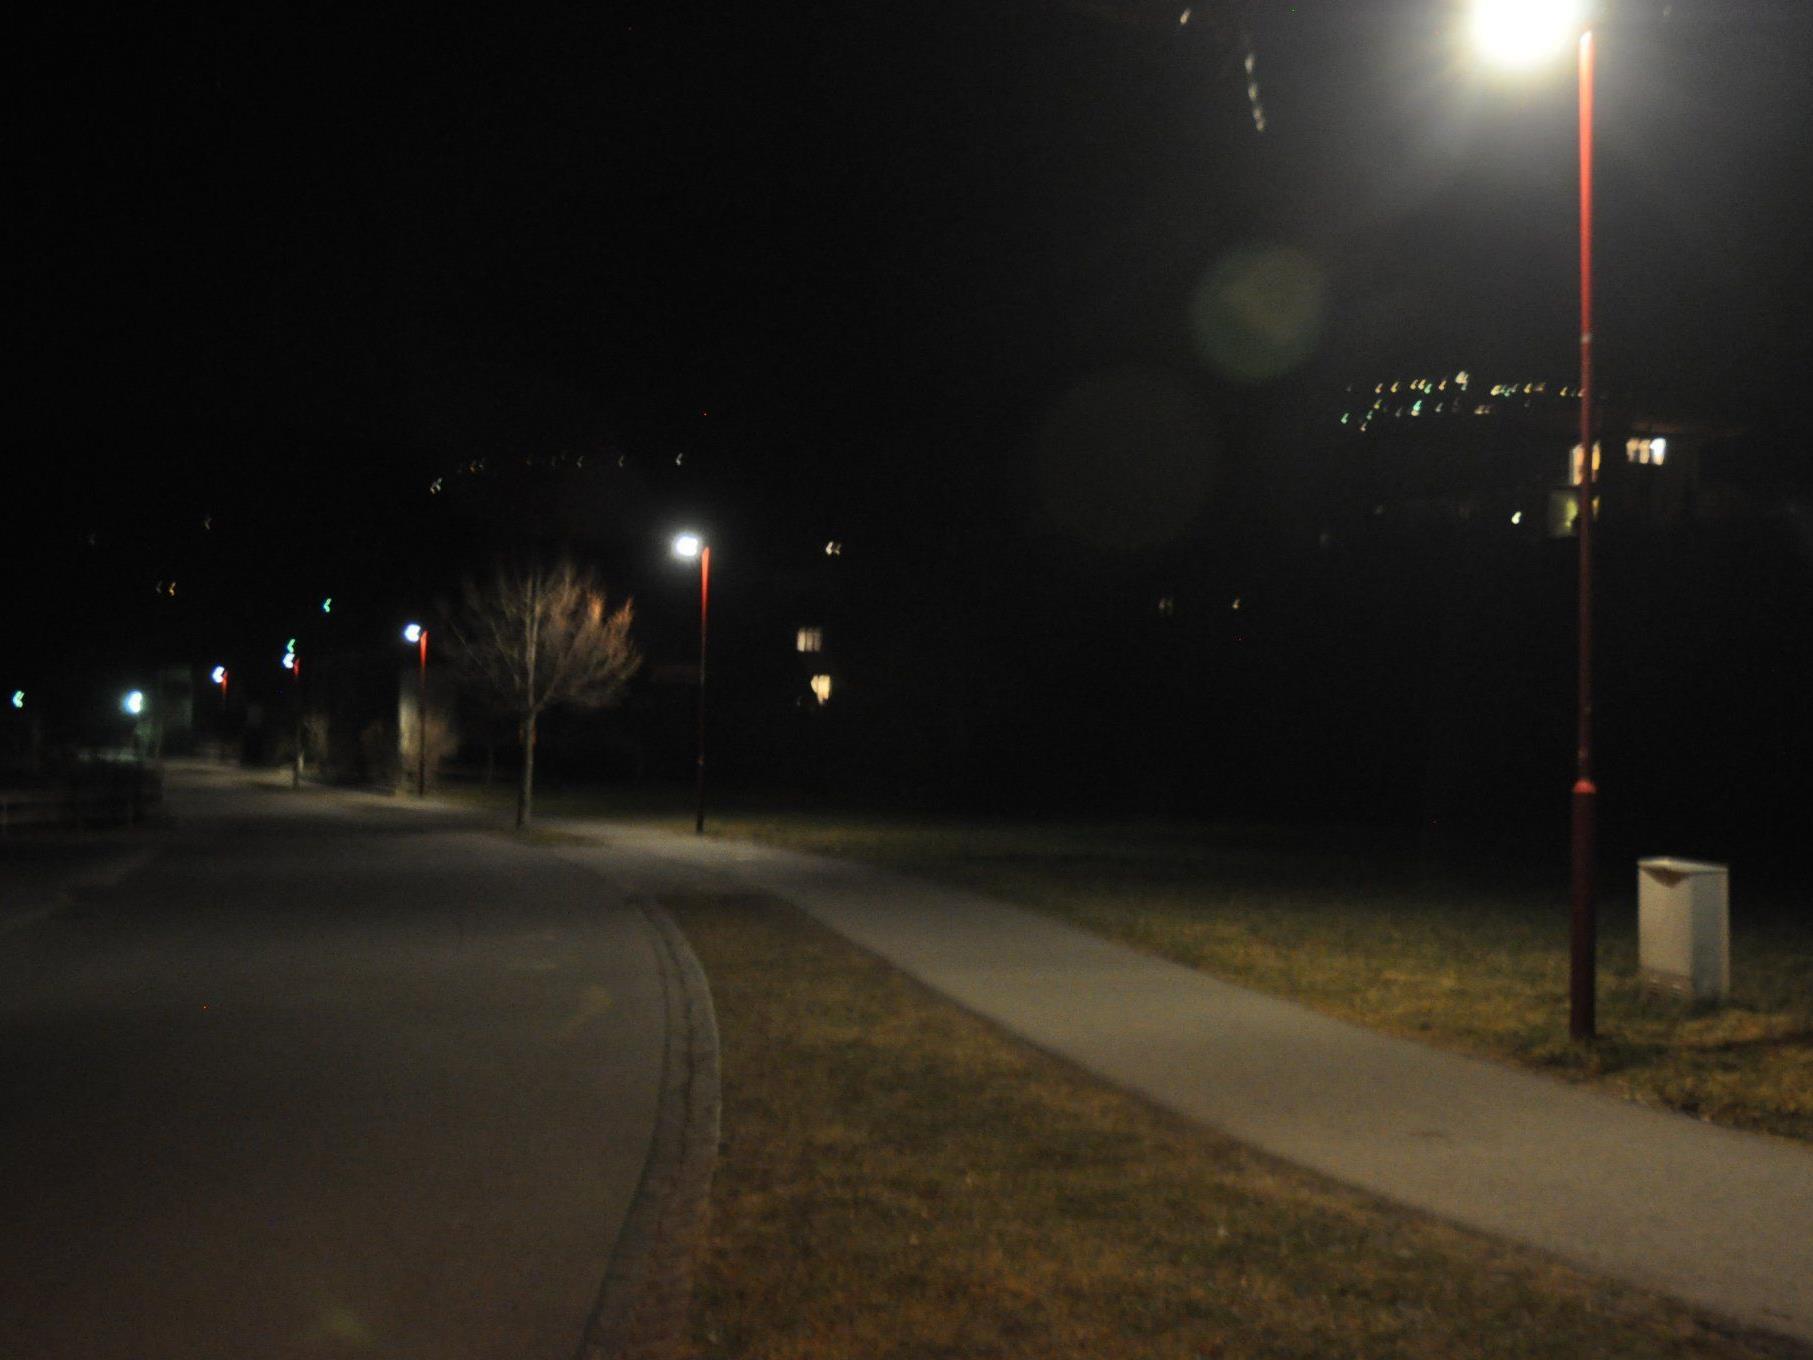 Sulz testet energiesparende Straßenbeleuchtung